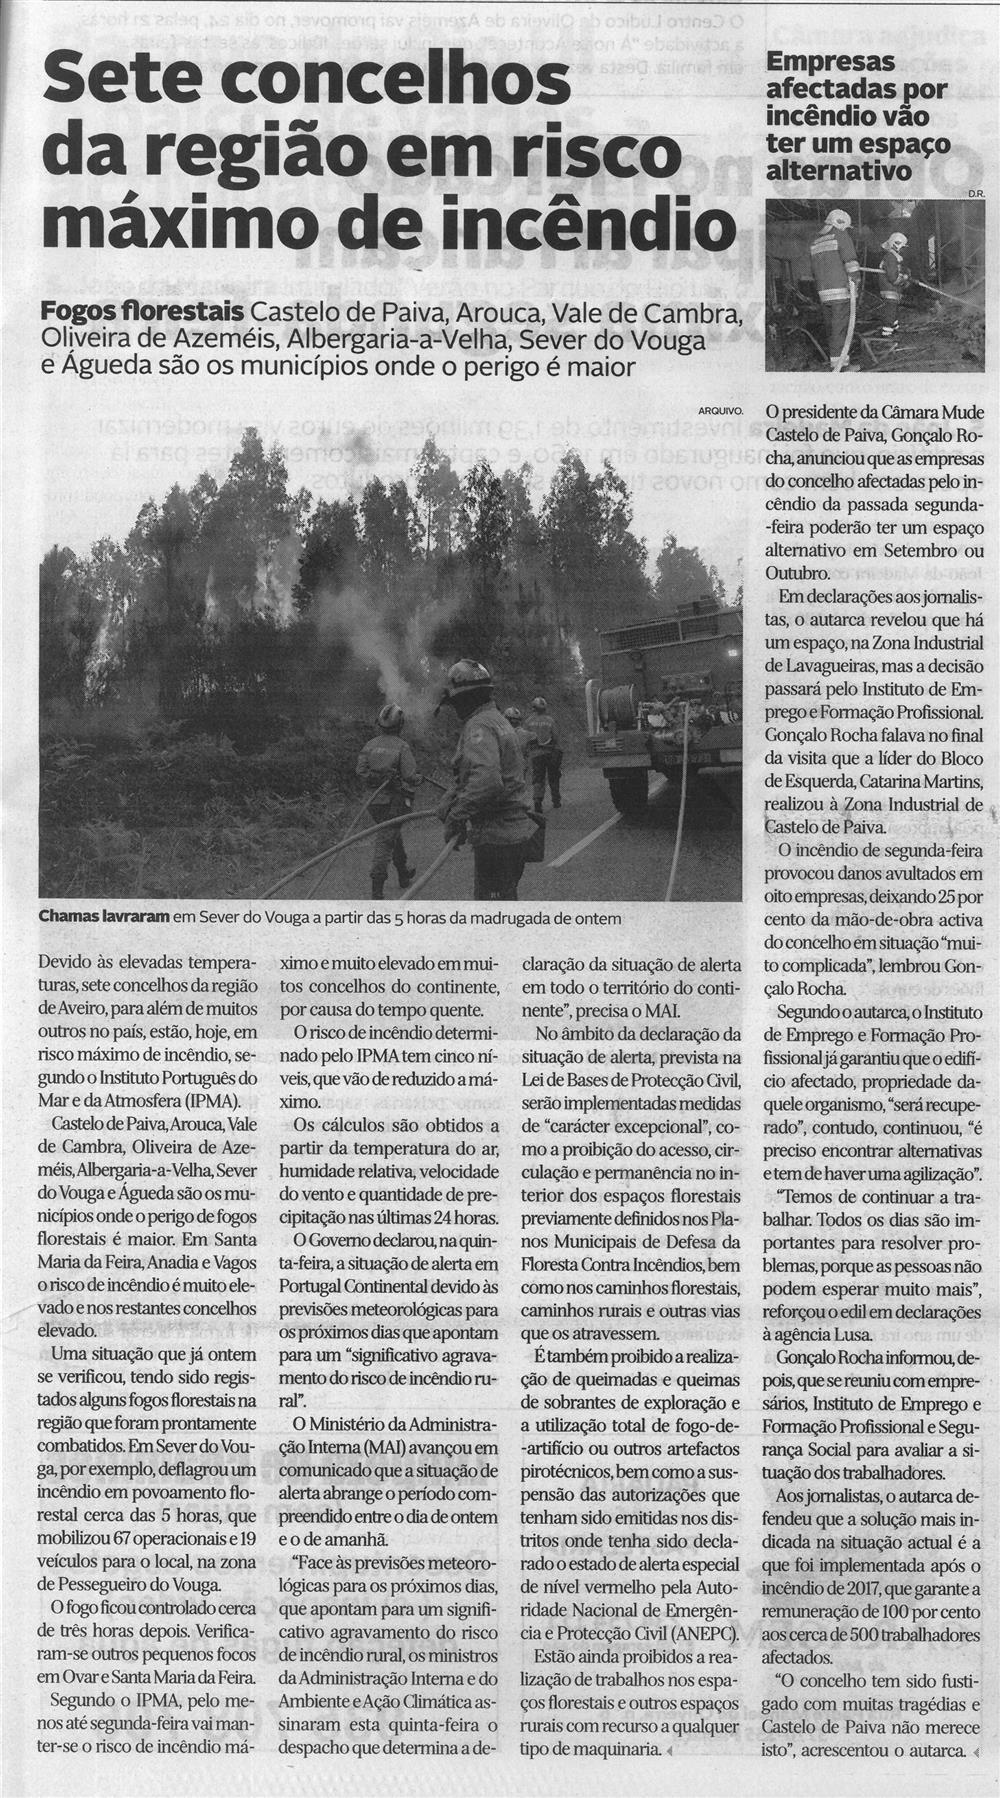 DA-18jul.'20-p.7-Sete concelhos da região em risco máximo de incêndio.jpg